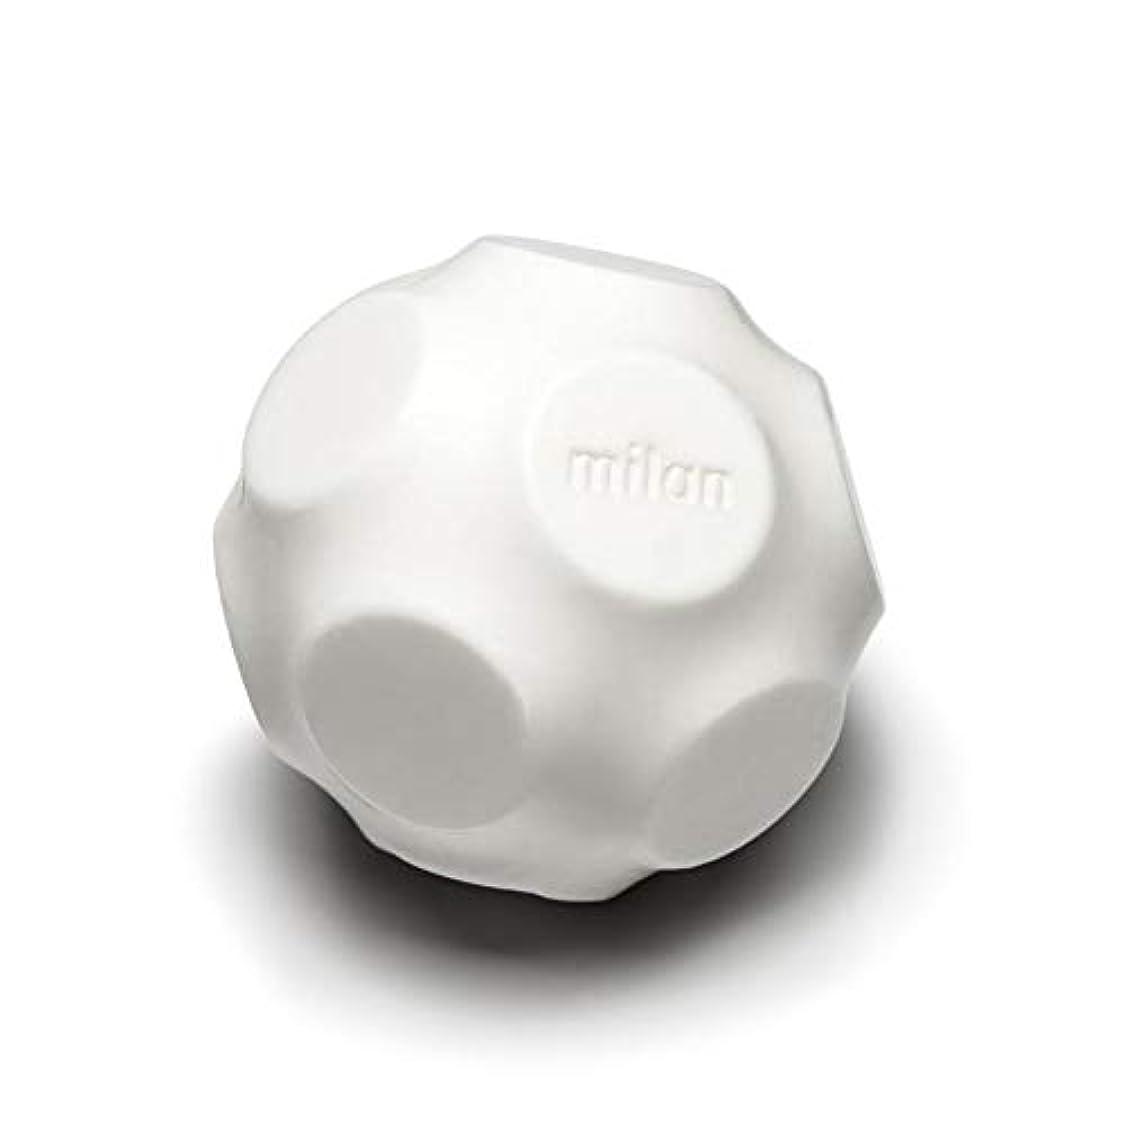 できたセットする変形するMaison Milan SIMONA ダイヤモンド粉 ホワイト 石鹸